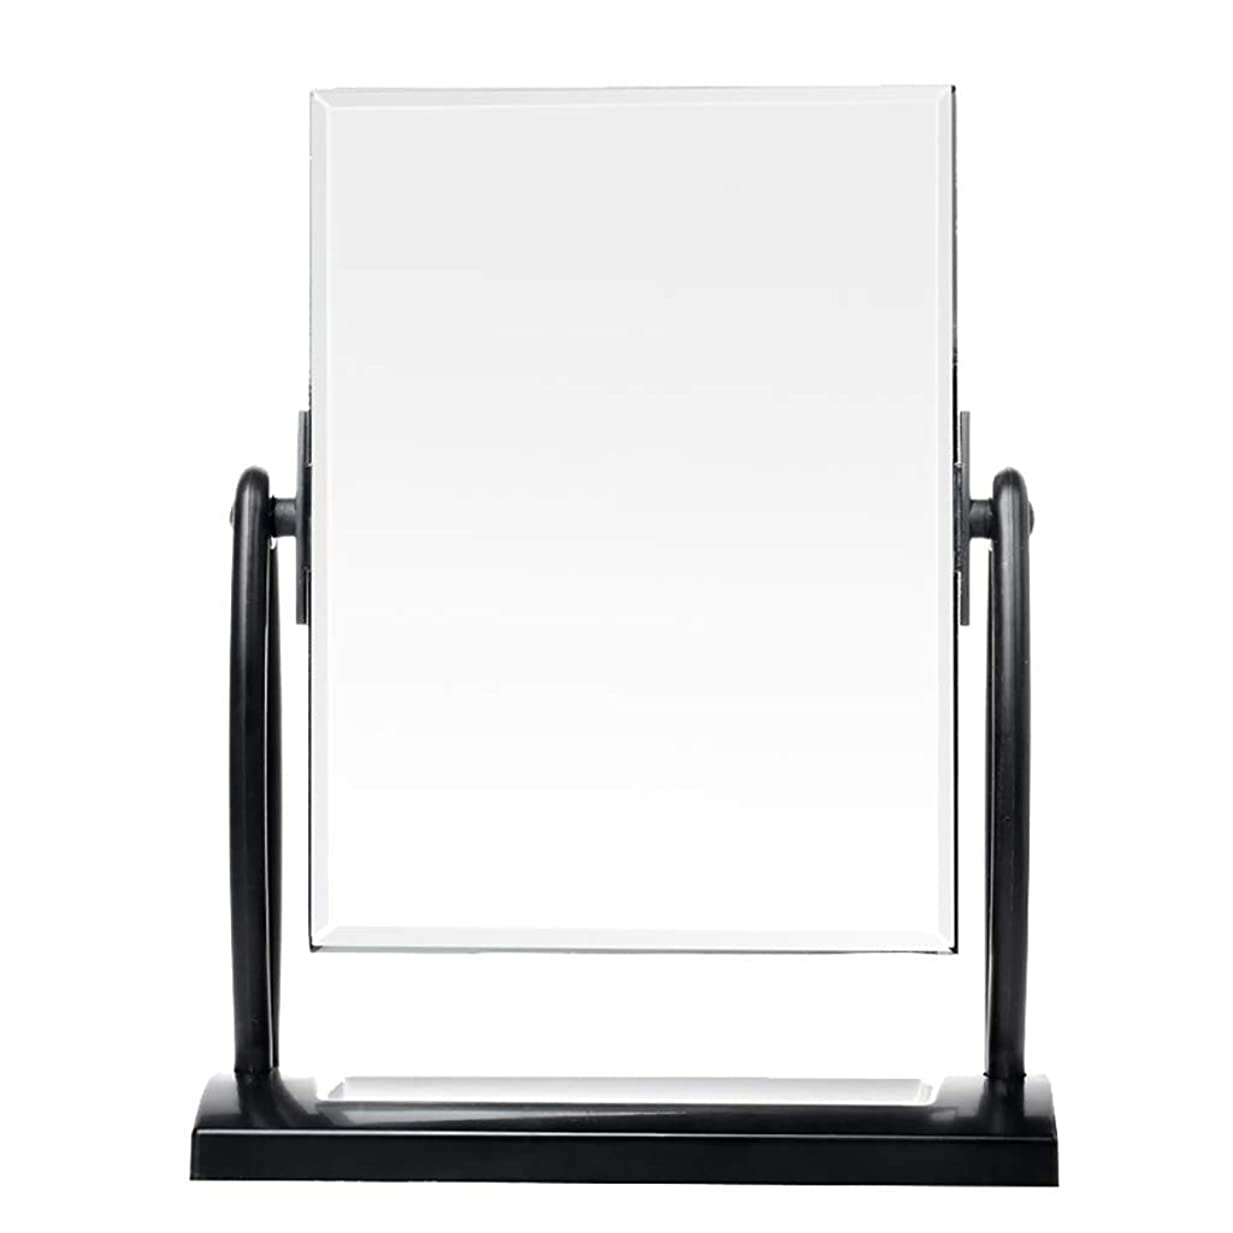 信じる若さ覗くレトロな片面化粧鏡金属ブラケットデスクトップ自立バニティミラー360度;ベッドルームバスルームドレッシングルームブラックの無料回転